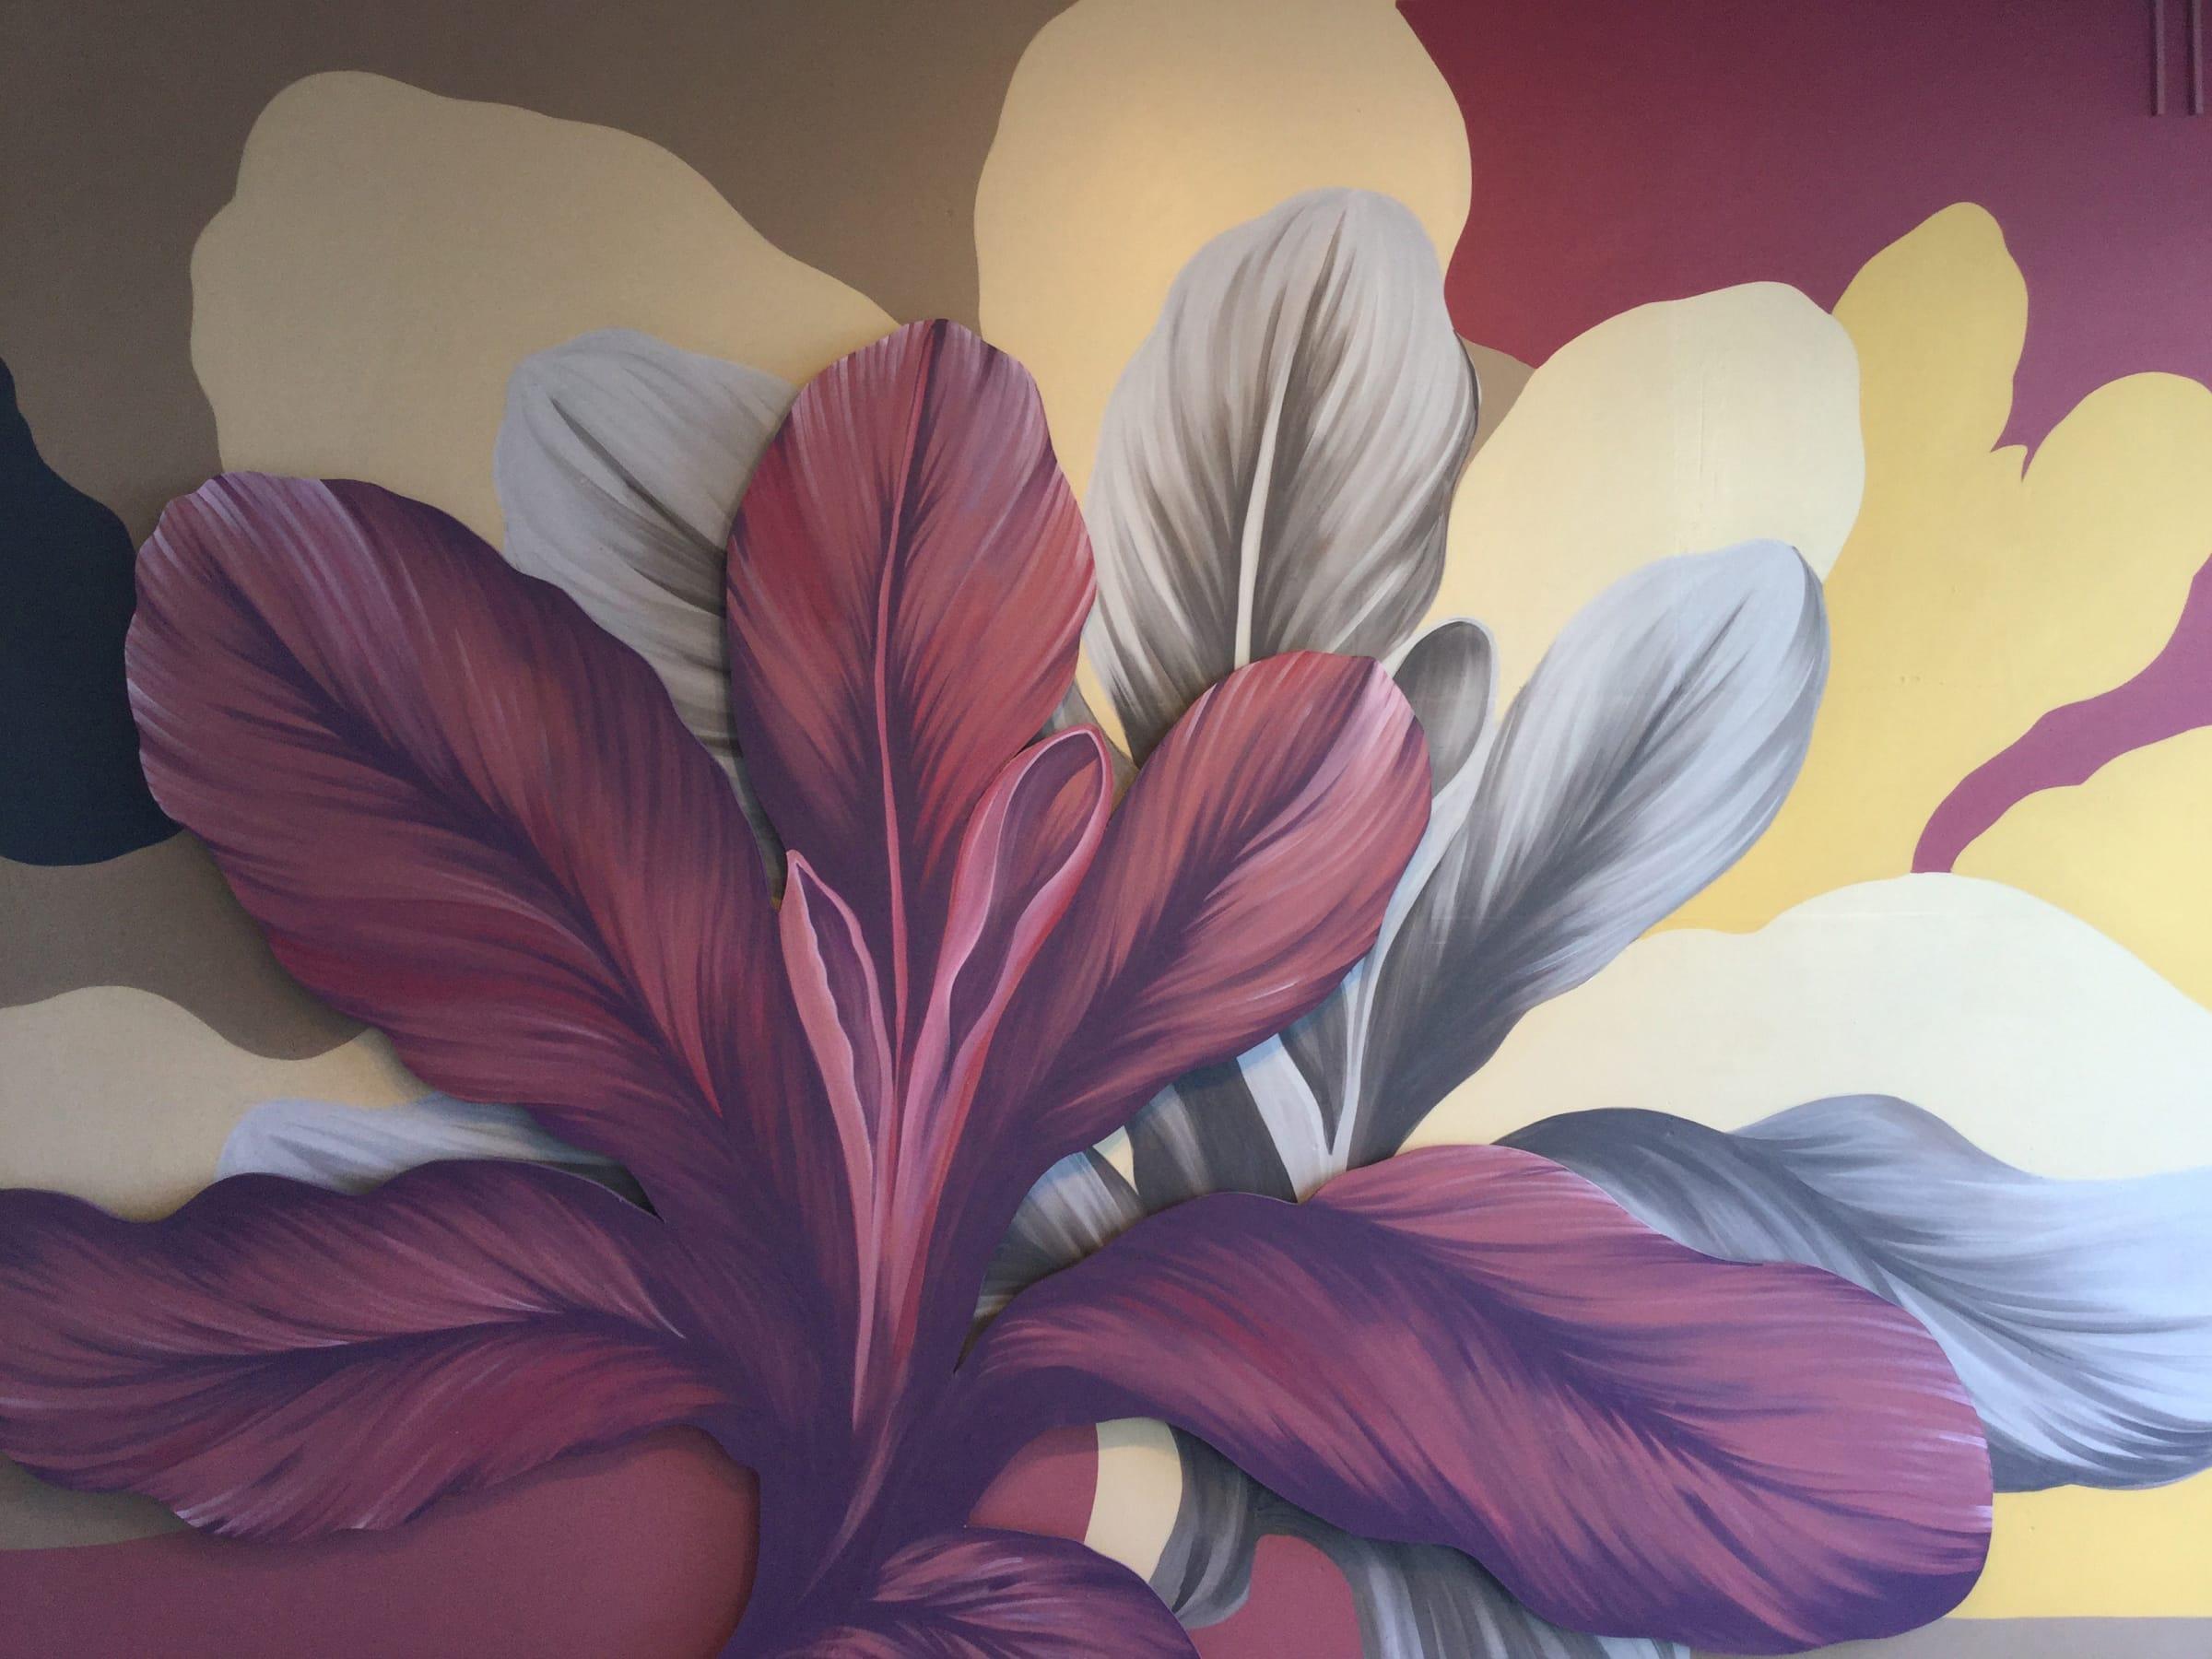 La naturaleza nativa del lugar inspira este mural con motivos florales, formas orgánicas y componentes geométricos.